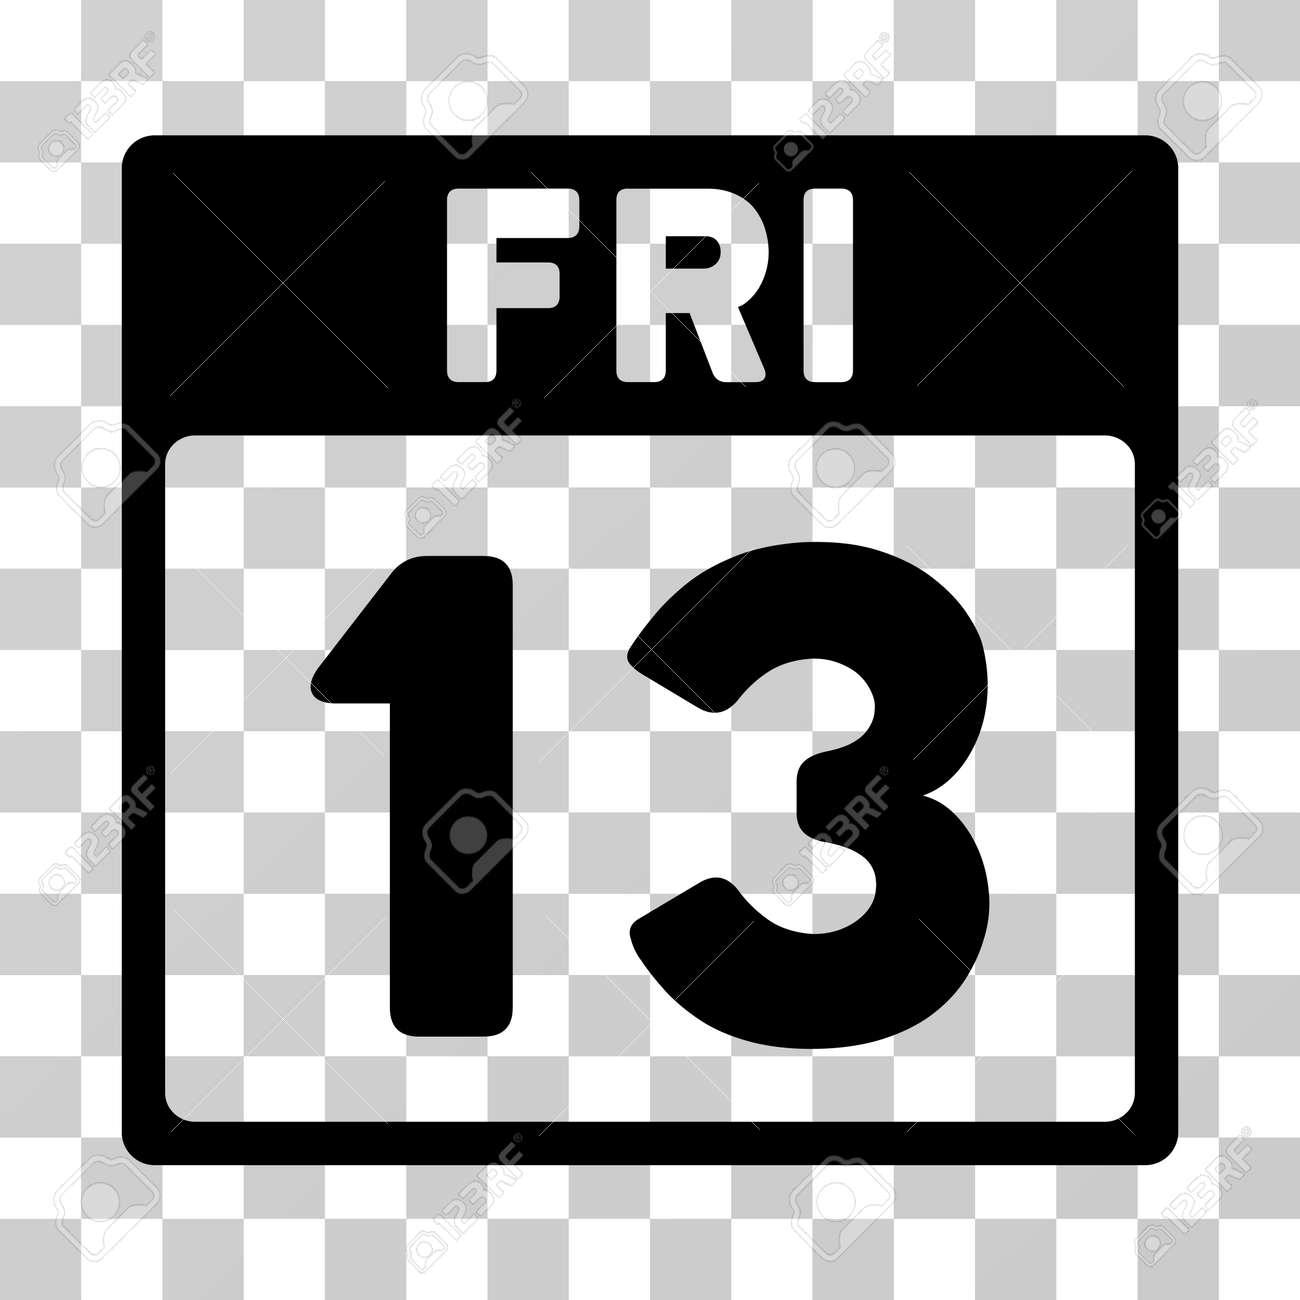 Simbolo De Calendario.13 Icona Del Calendario Di Venerdi Lo Stile Dell Illustrazione Di Vettore E Simbolo Iconico Piano Colore Nero Fondo Trasparente Progettato Per